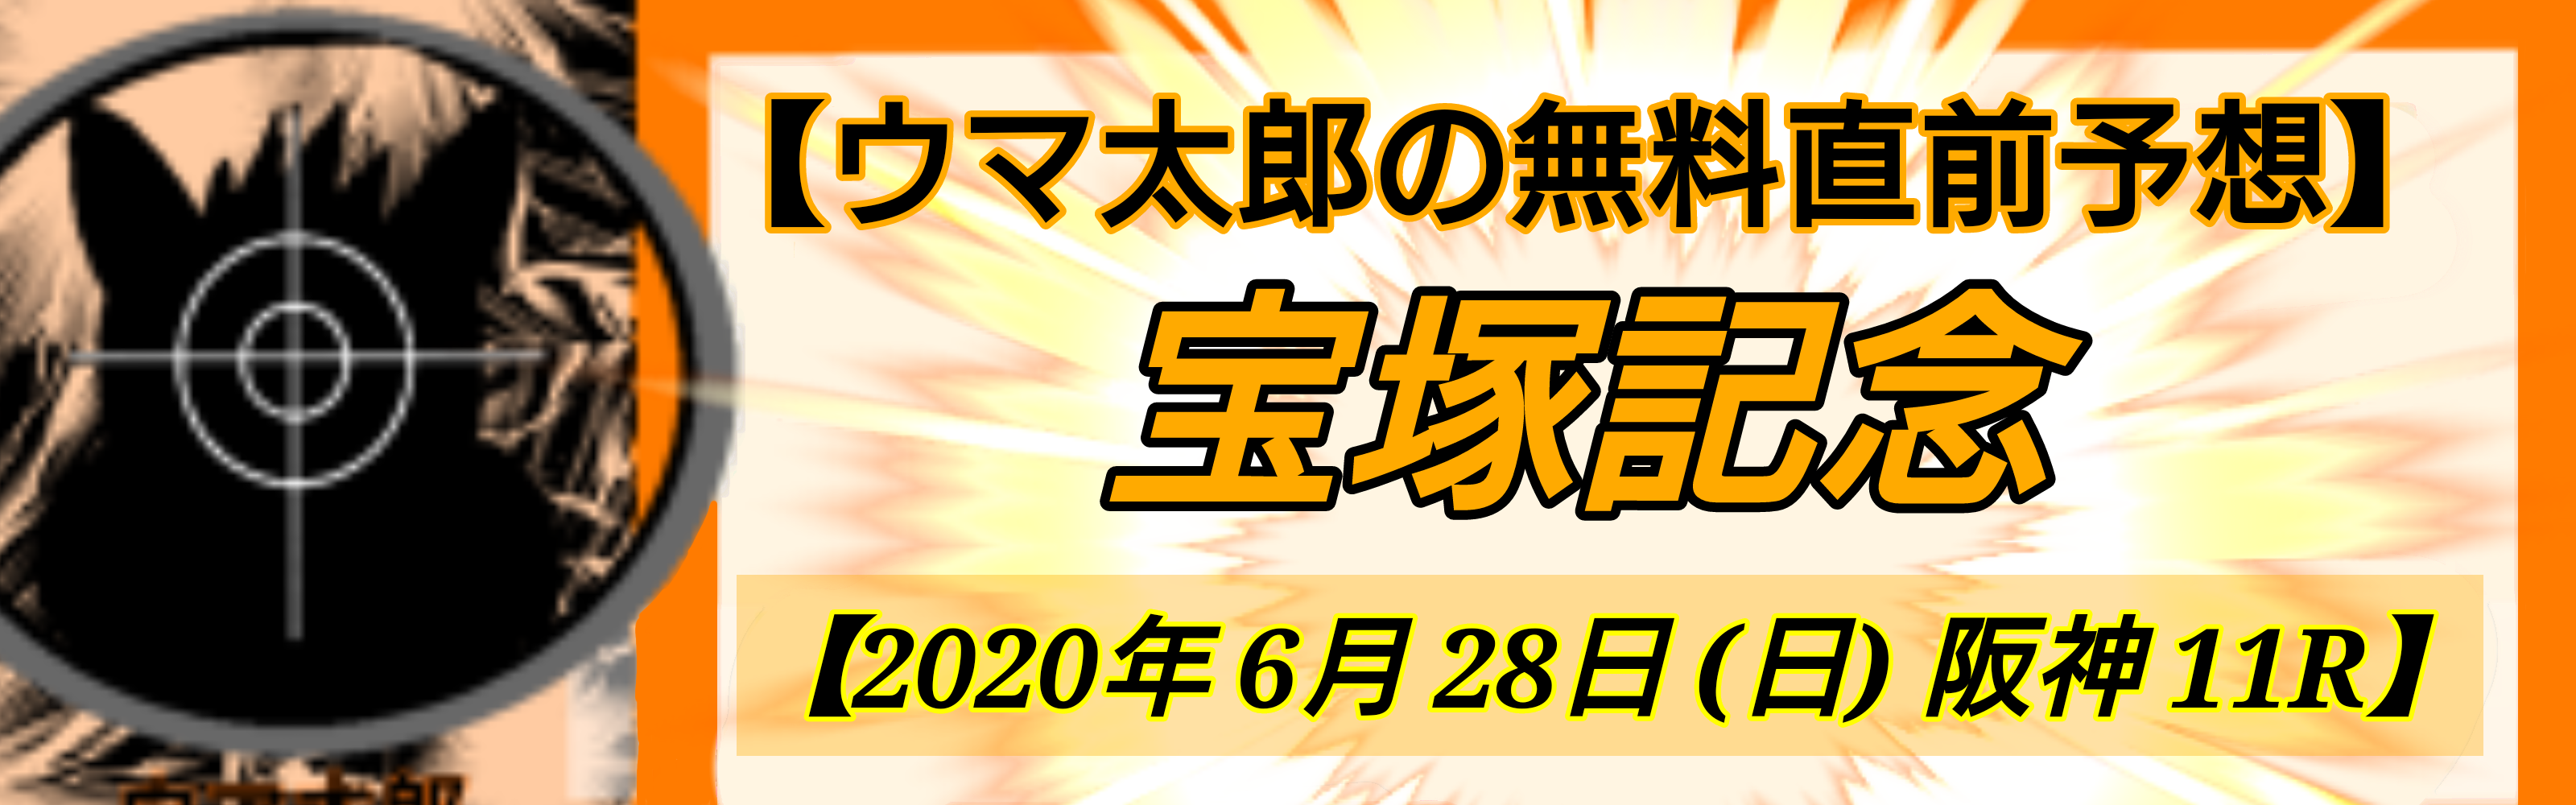 2020 宝塚記念 無料直前予想